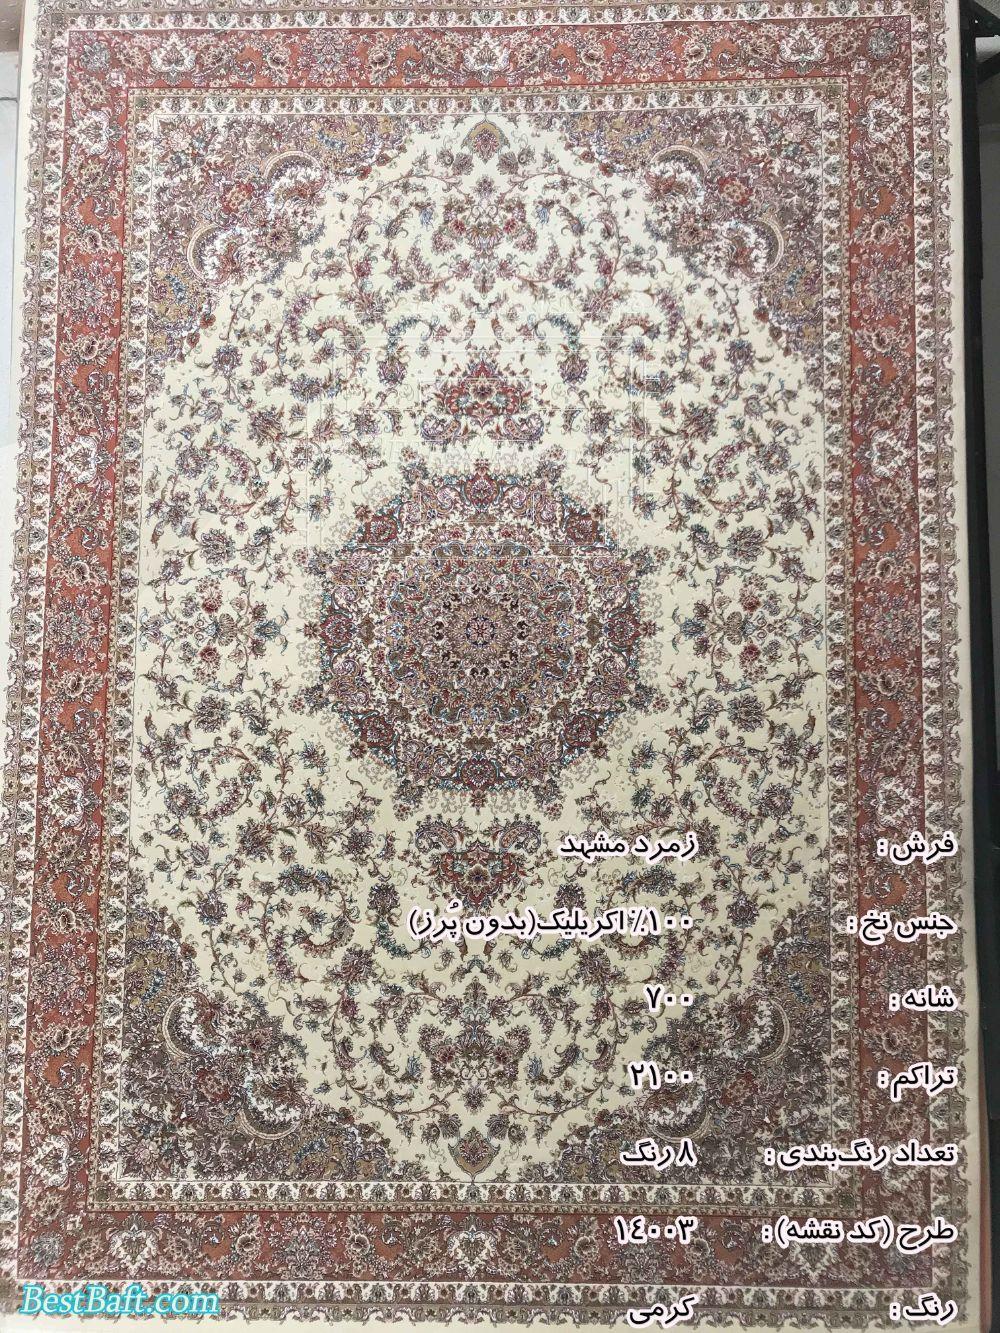 مشخصات، قیمت و خرید فرش زمرد مشهد 700 شانه کد 14003 کرمی